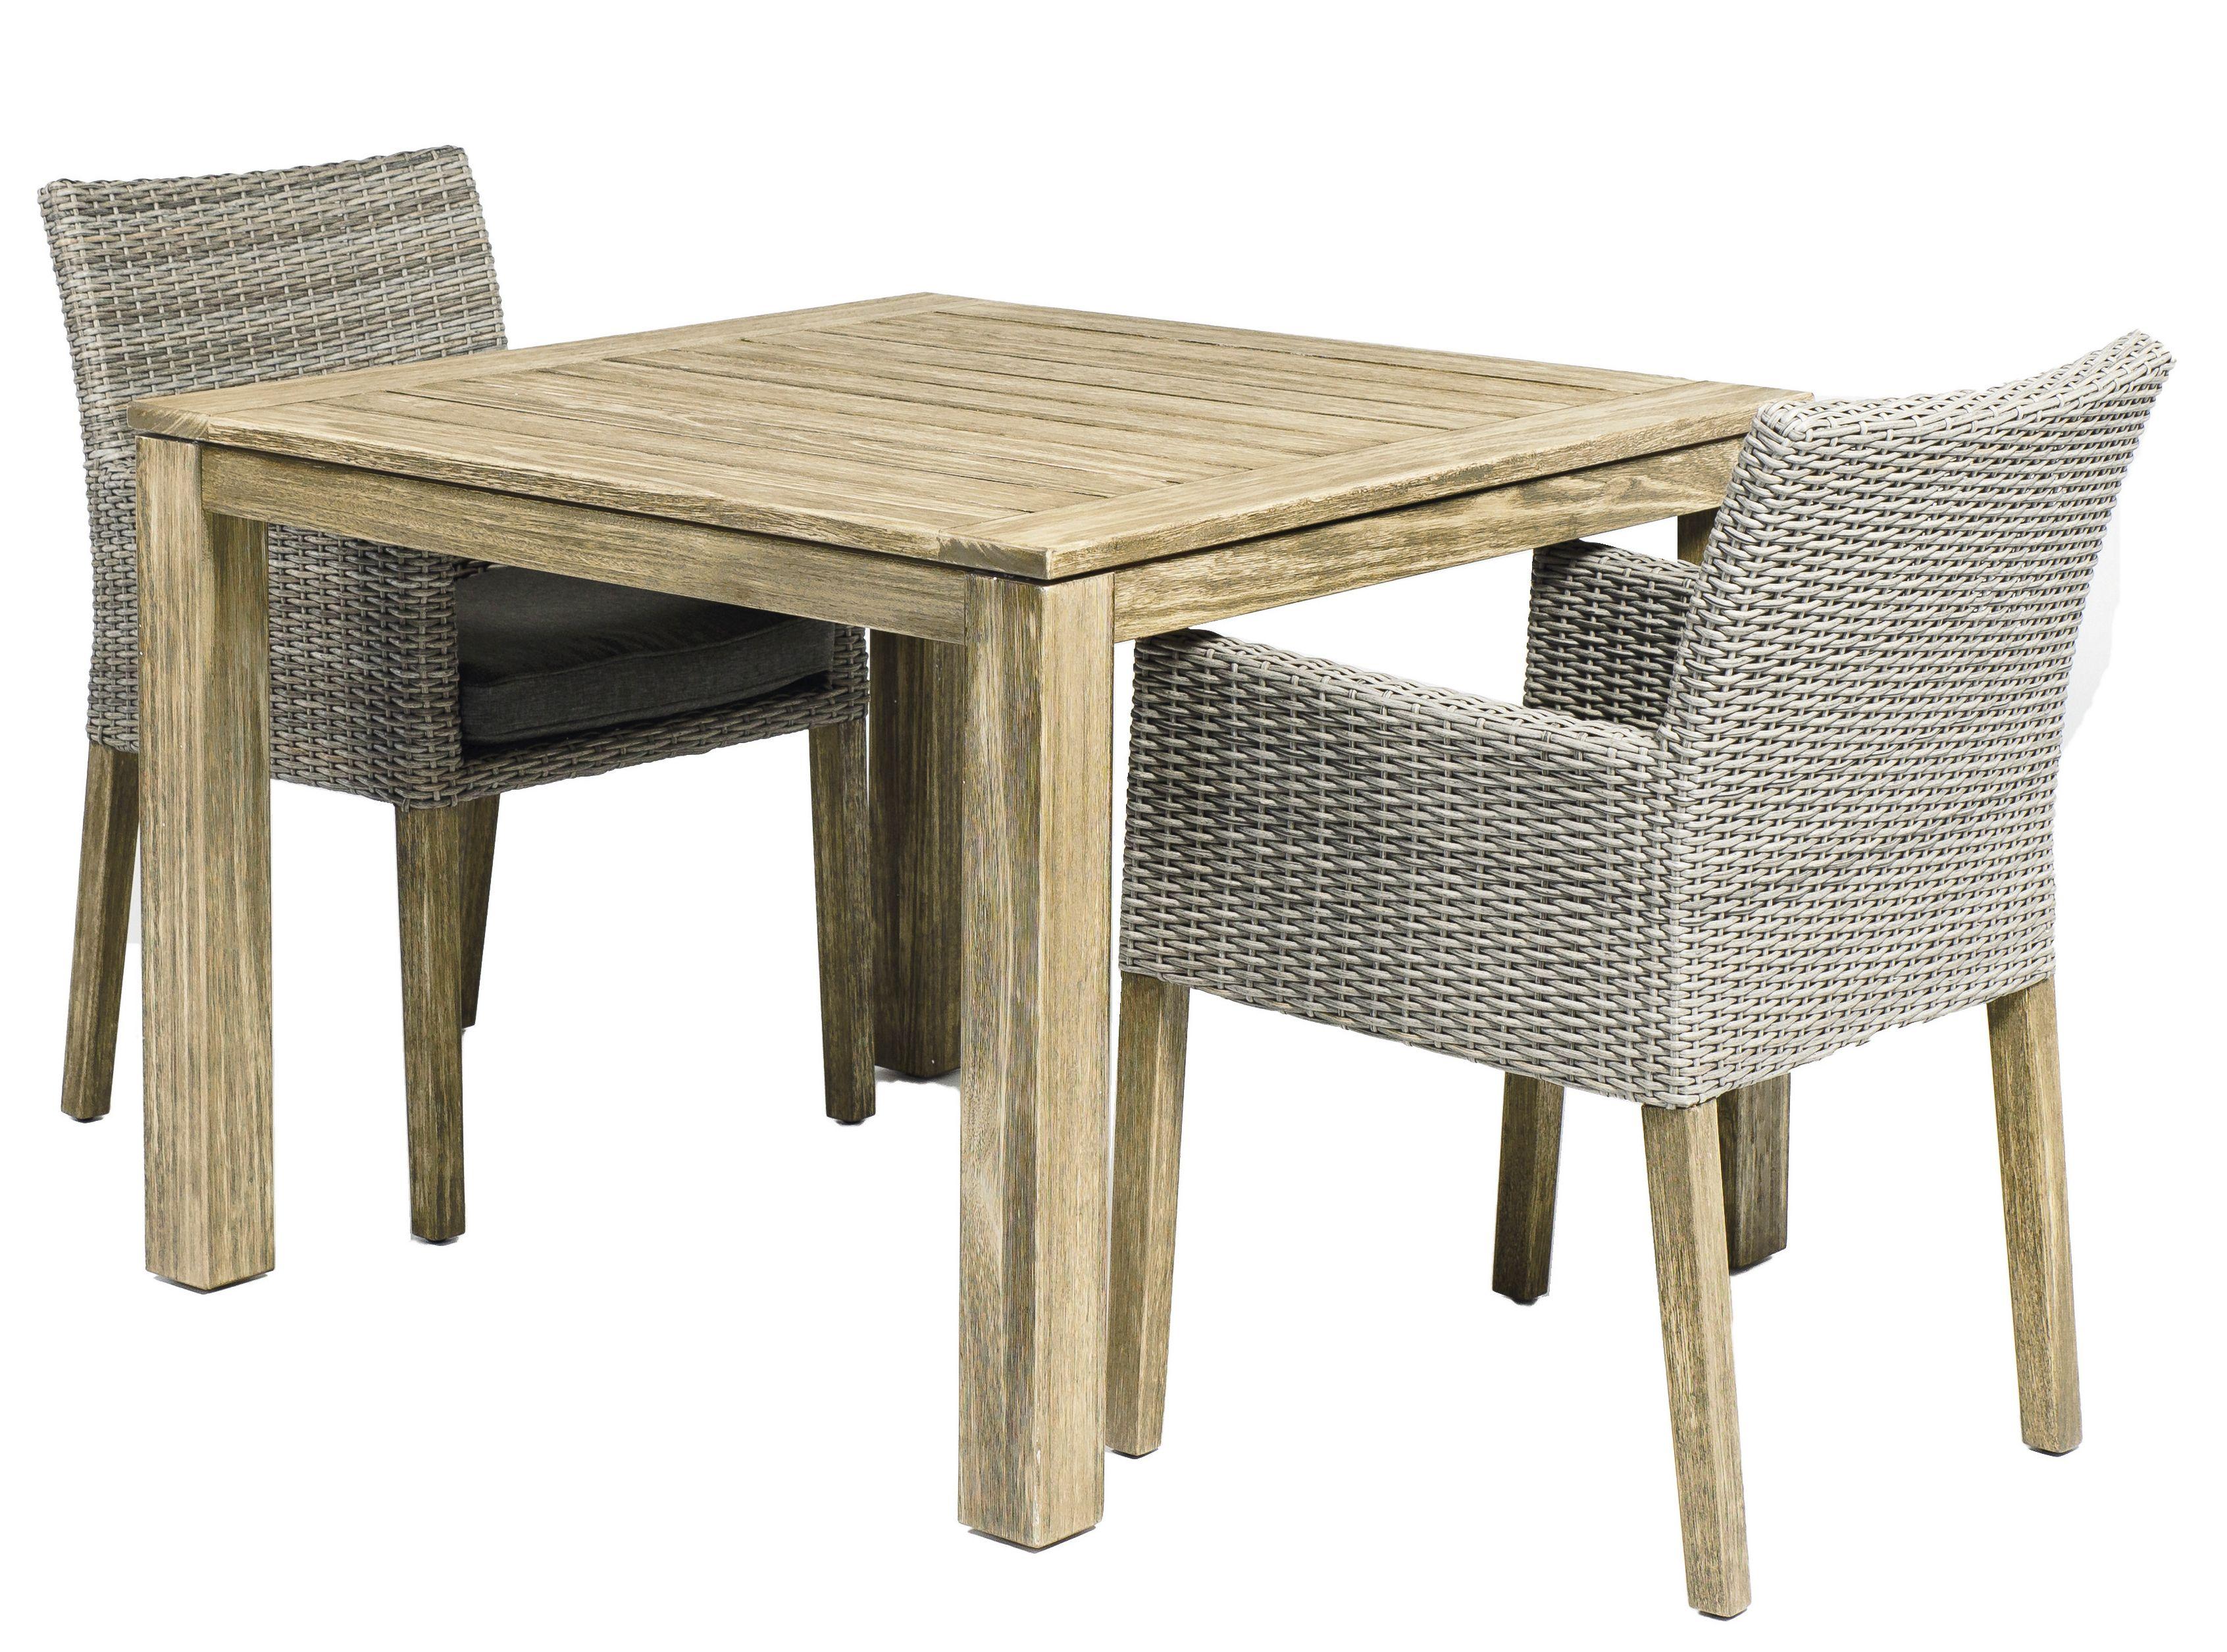 Modernes Set F R Den Gartenbereich Tisch Mit Massivem Holzrahmen